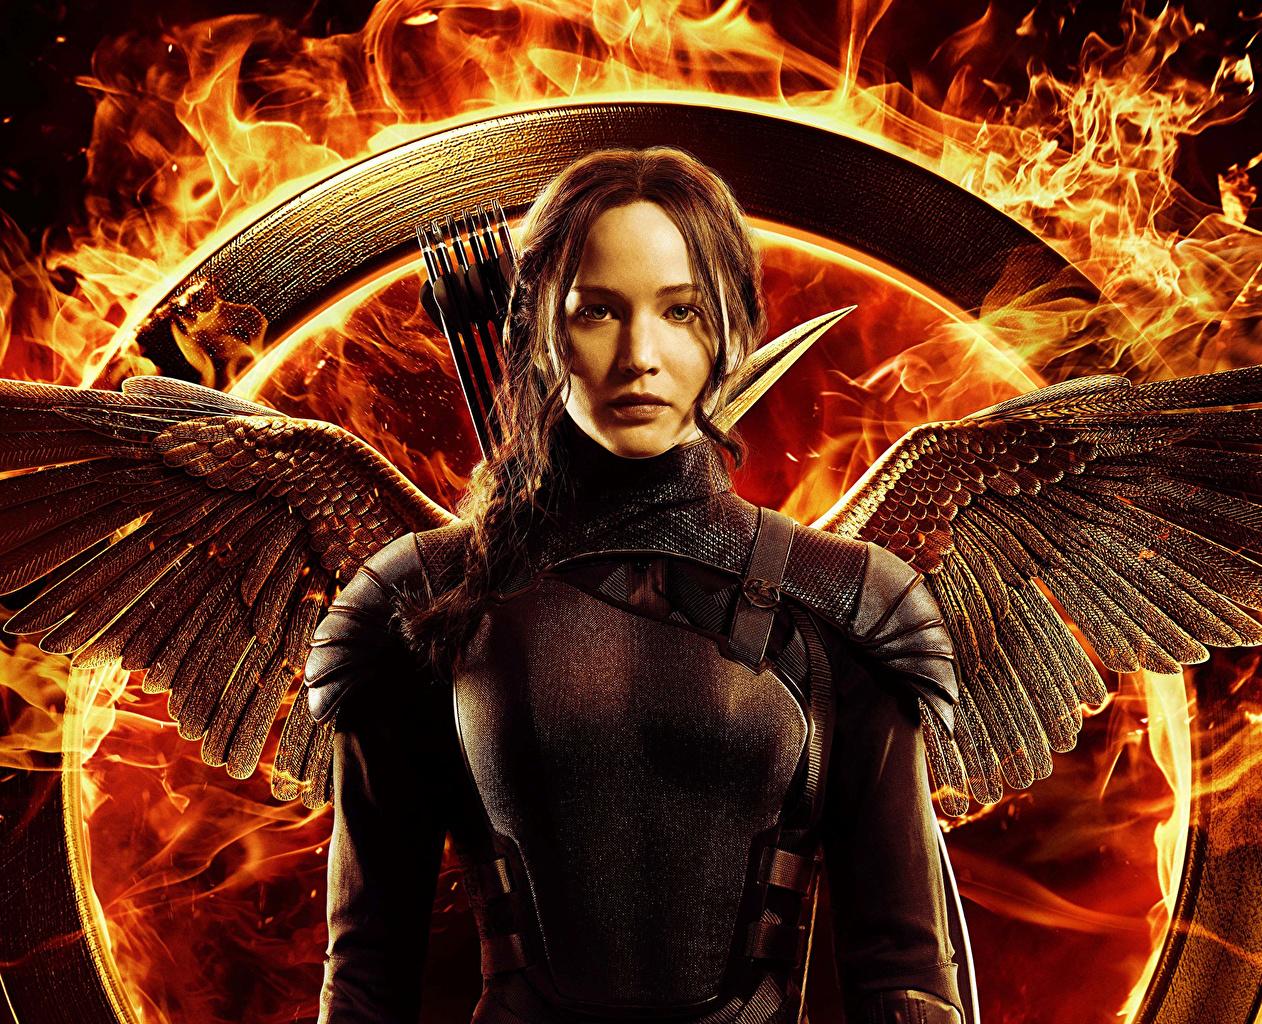 картинка голодные игры Jennifer Lawrence лучники Mockingjay